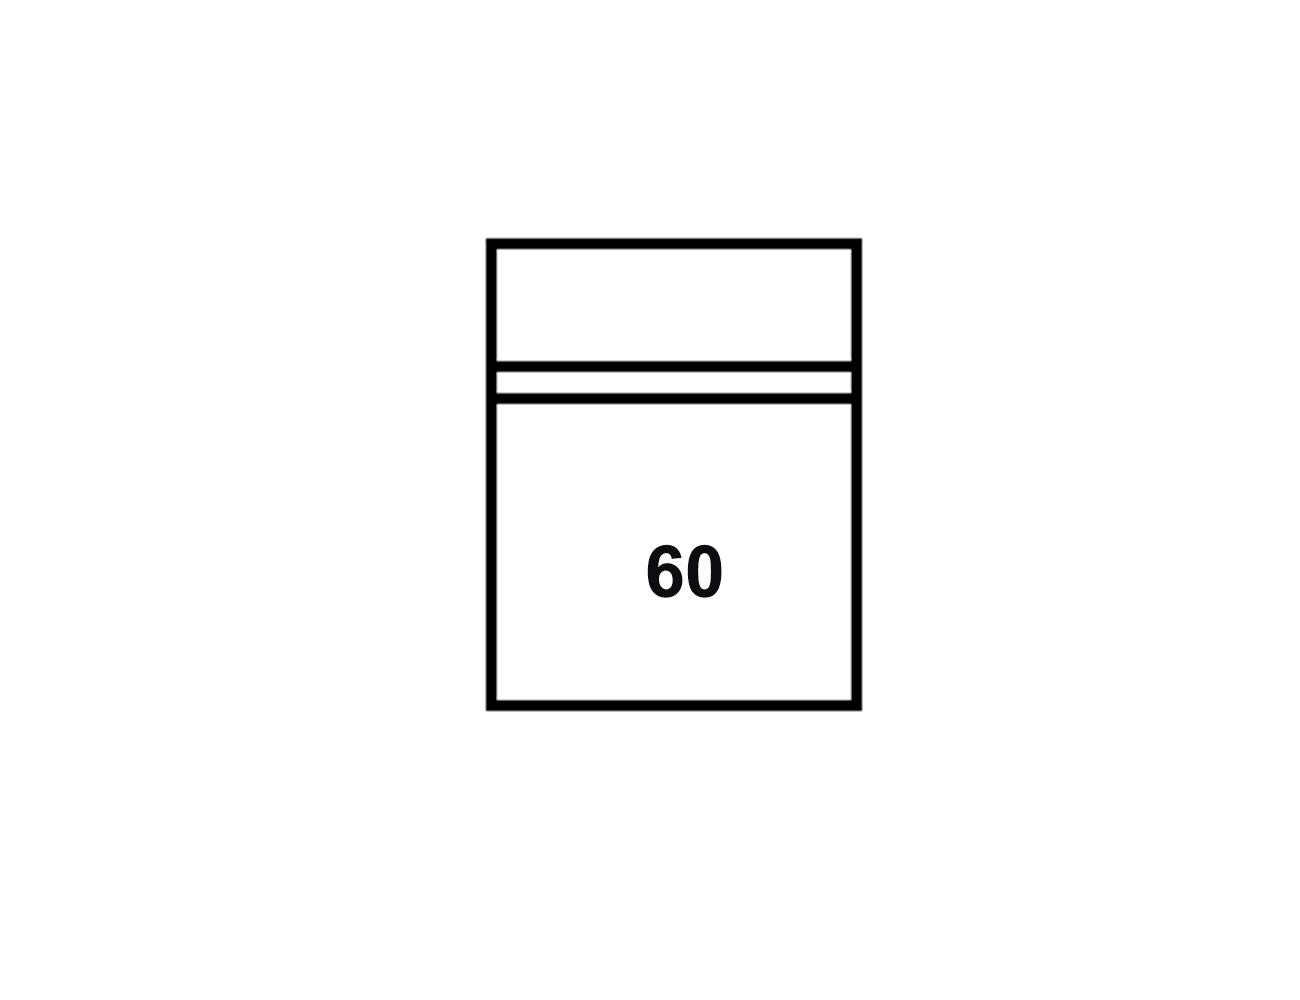 Modulo 1p 6010